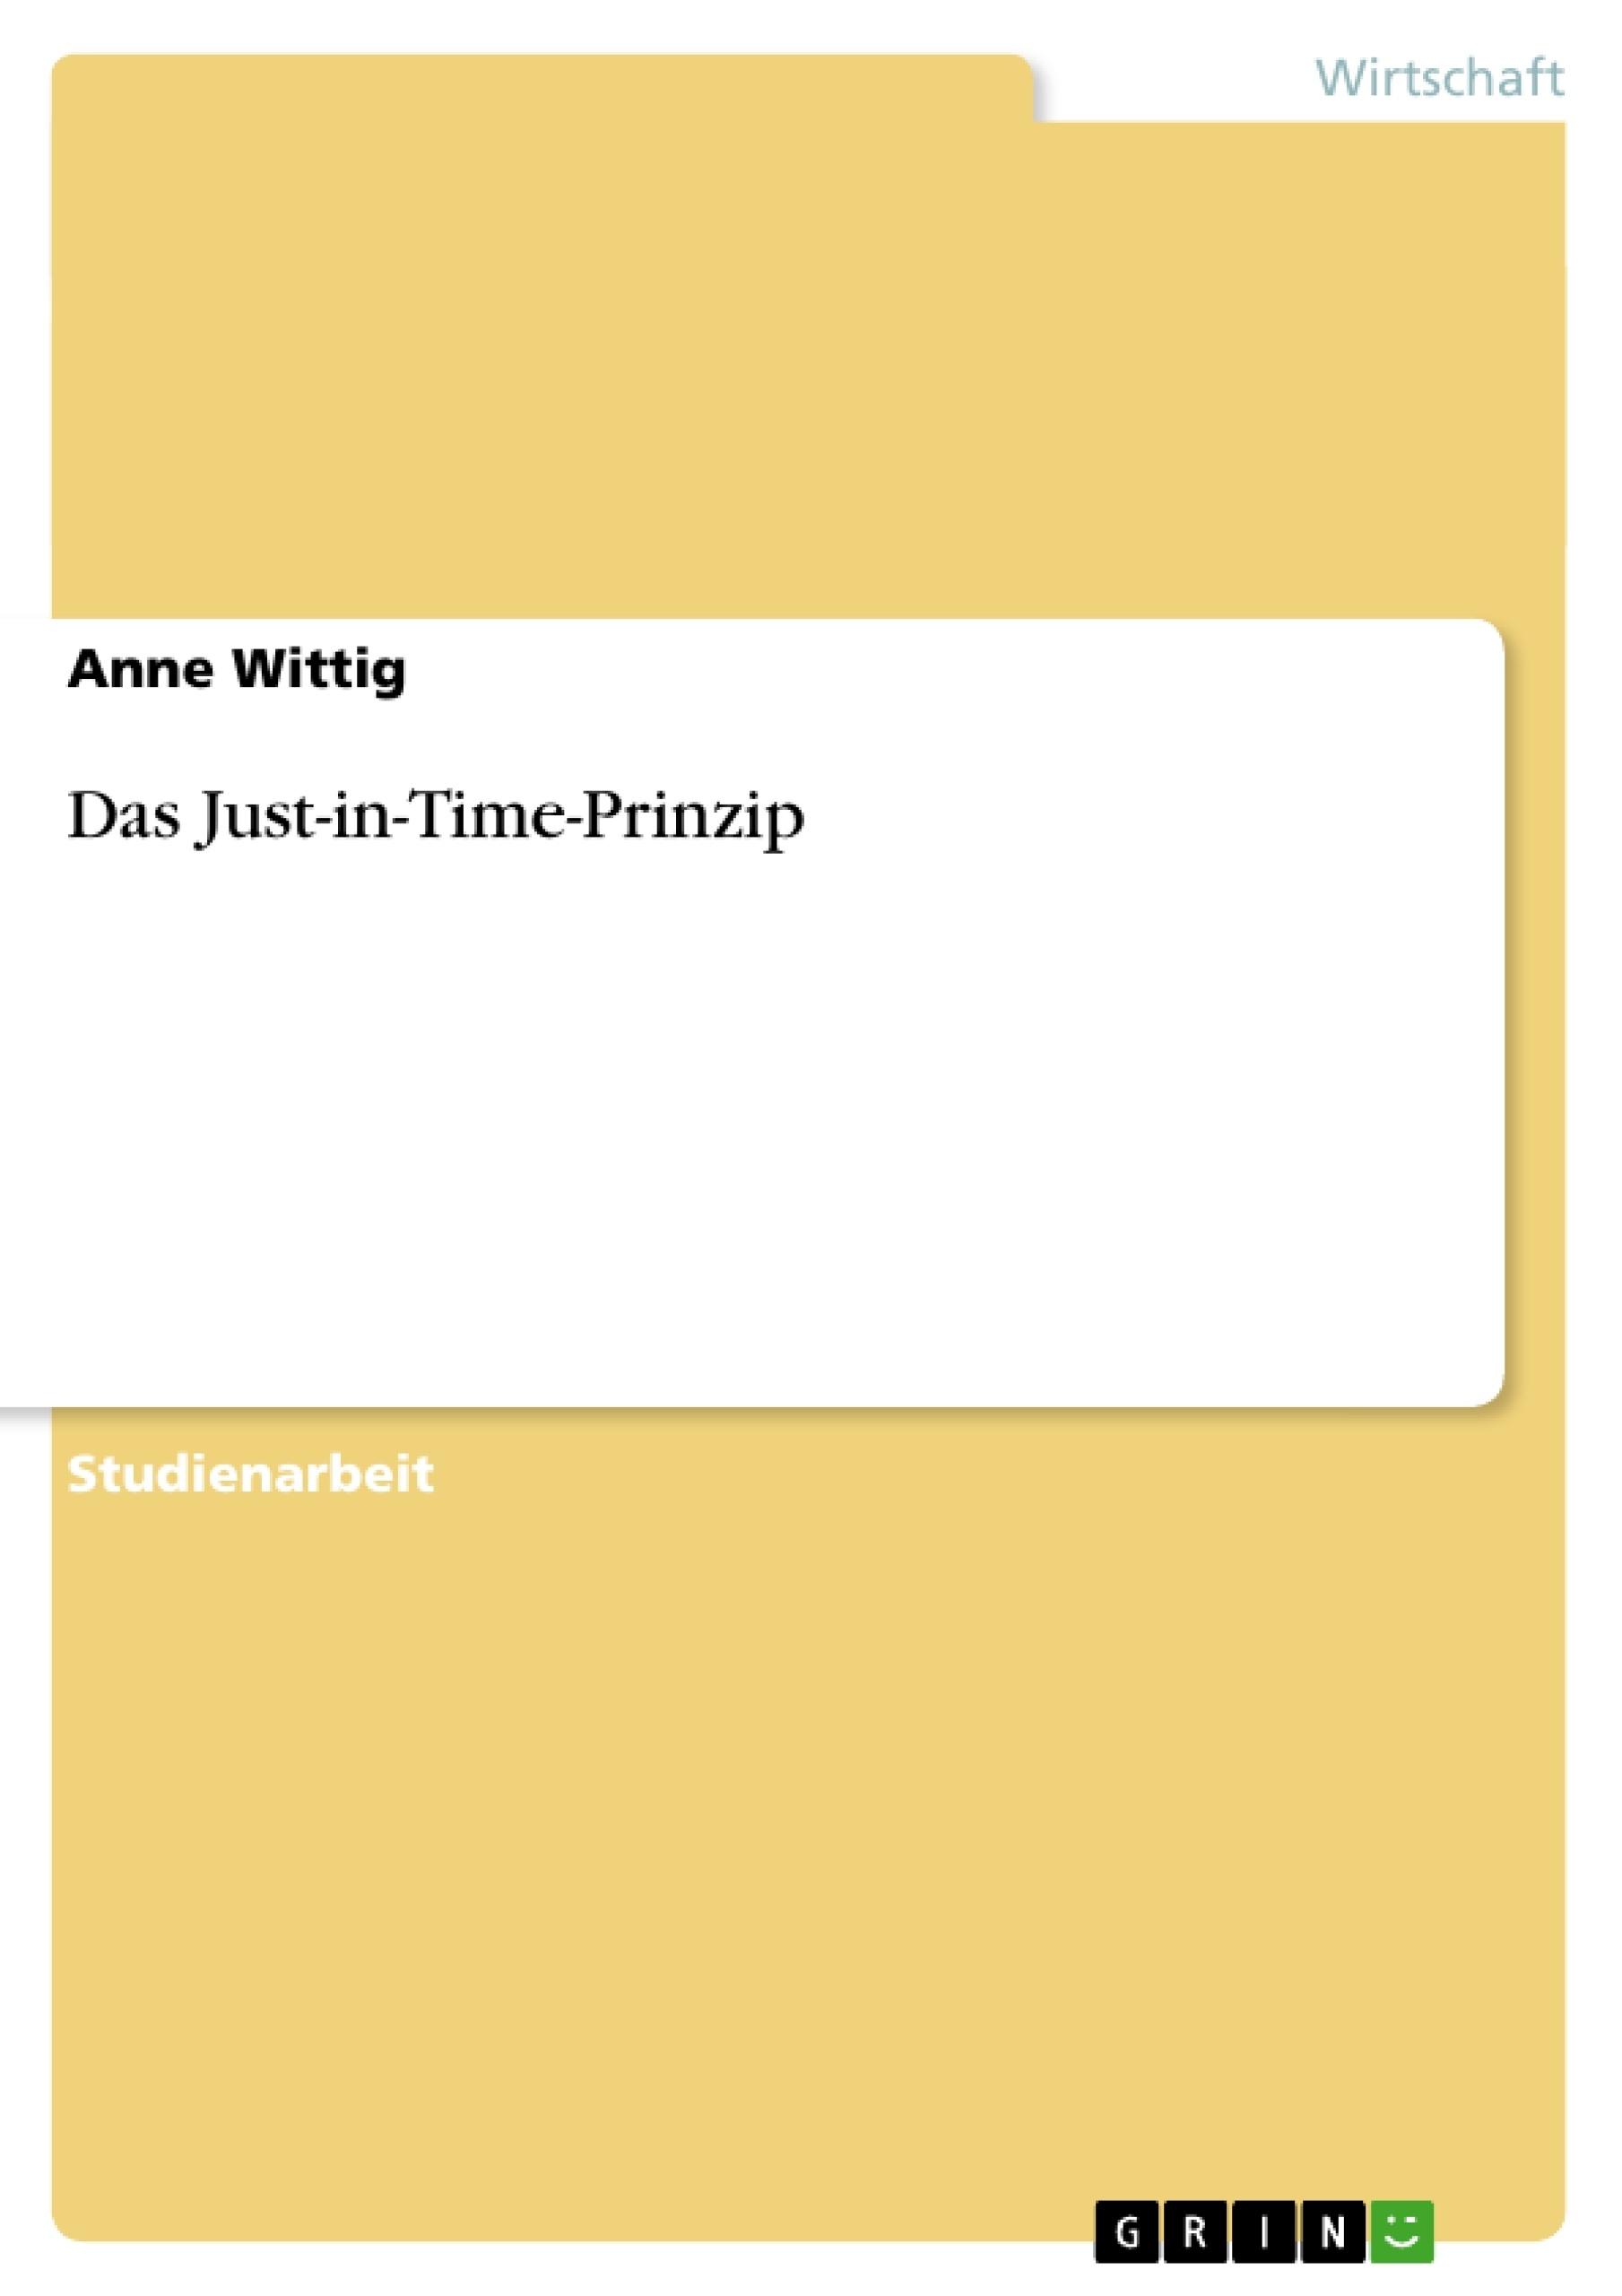 Titel: Das Just-in-Time-Prinzip